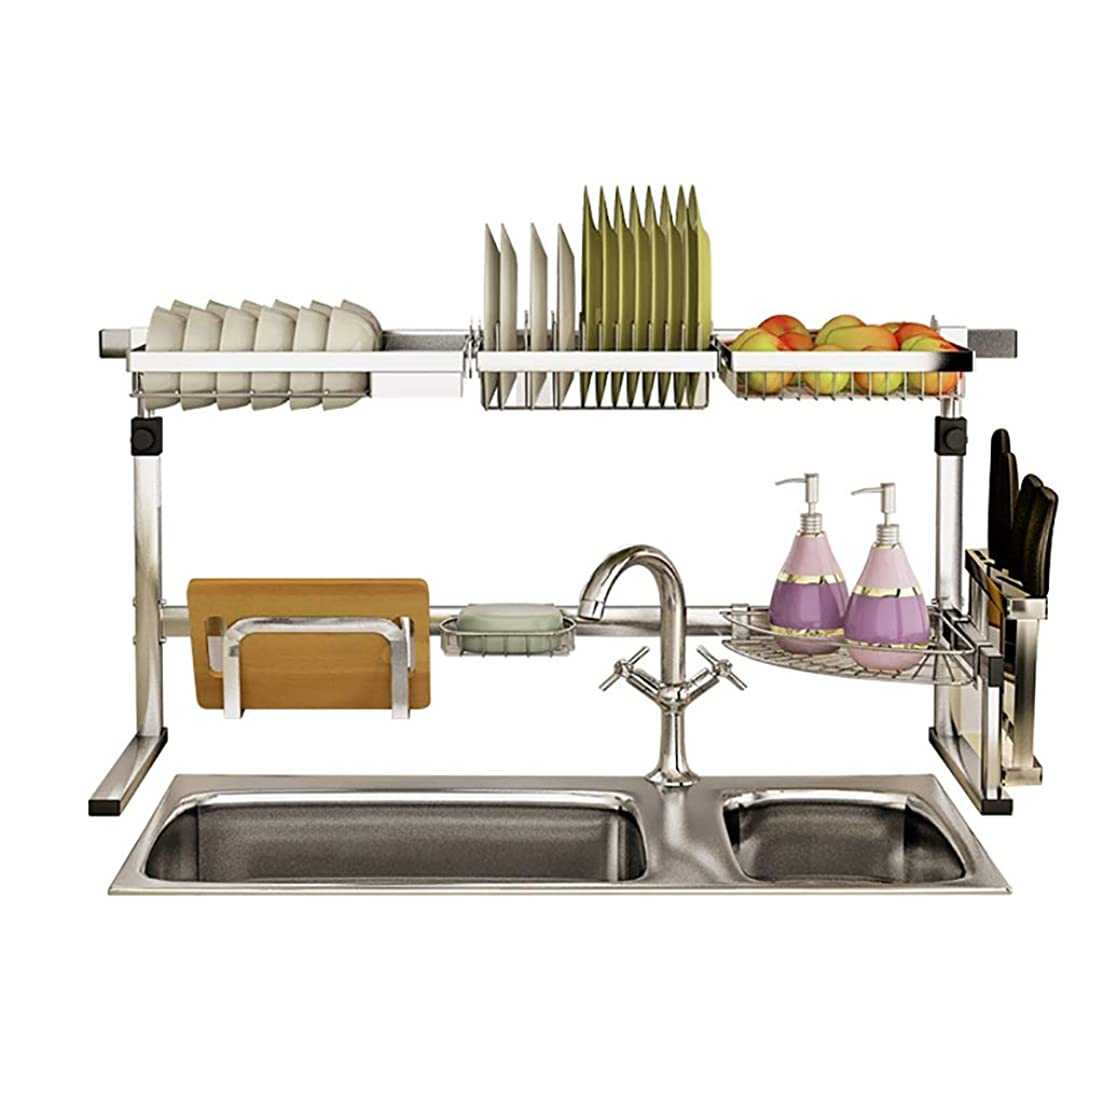 呼吸アニメーション切断するキッチンラック304ステンレス鋼シンク排水バスケット食器棚キッチン収納ラックフルセット。